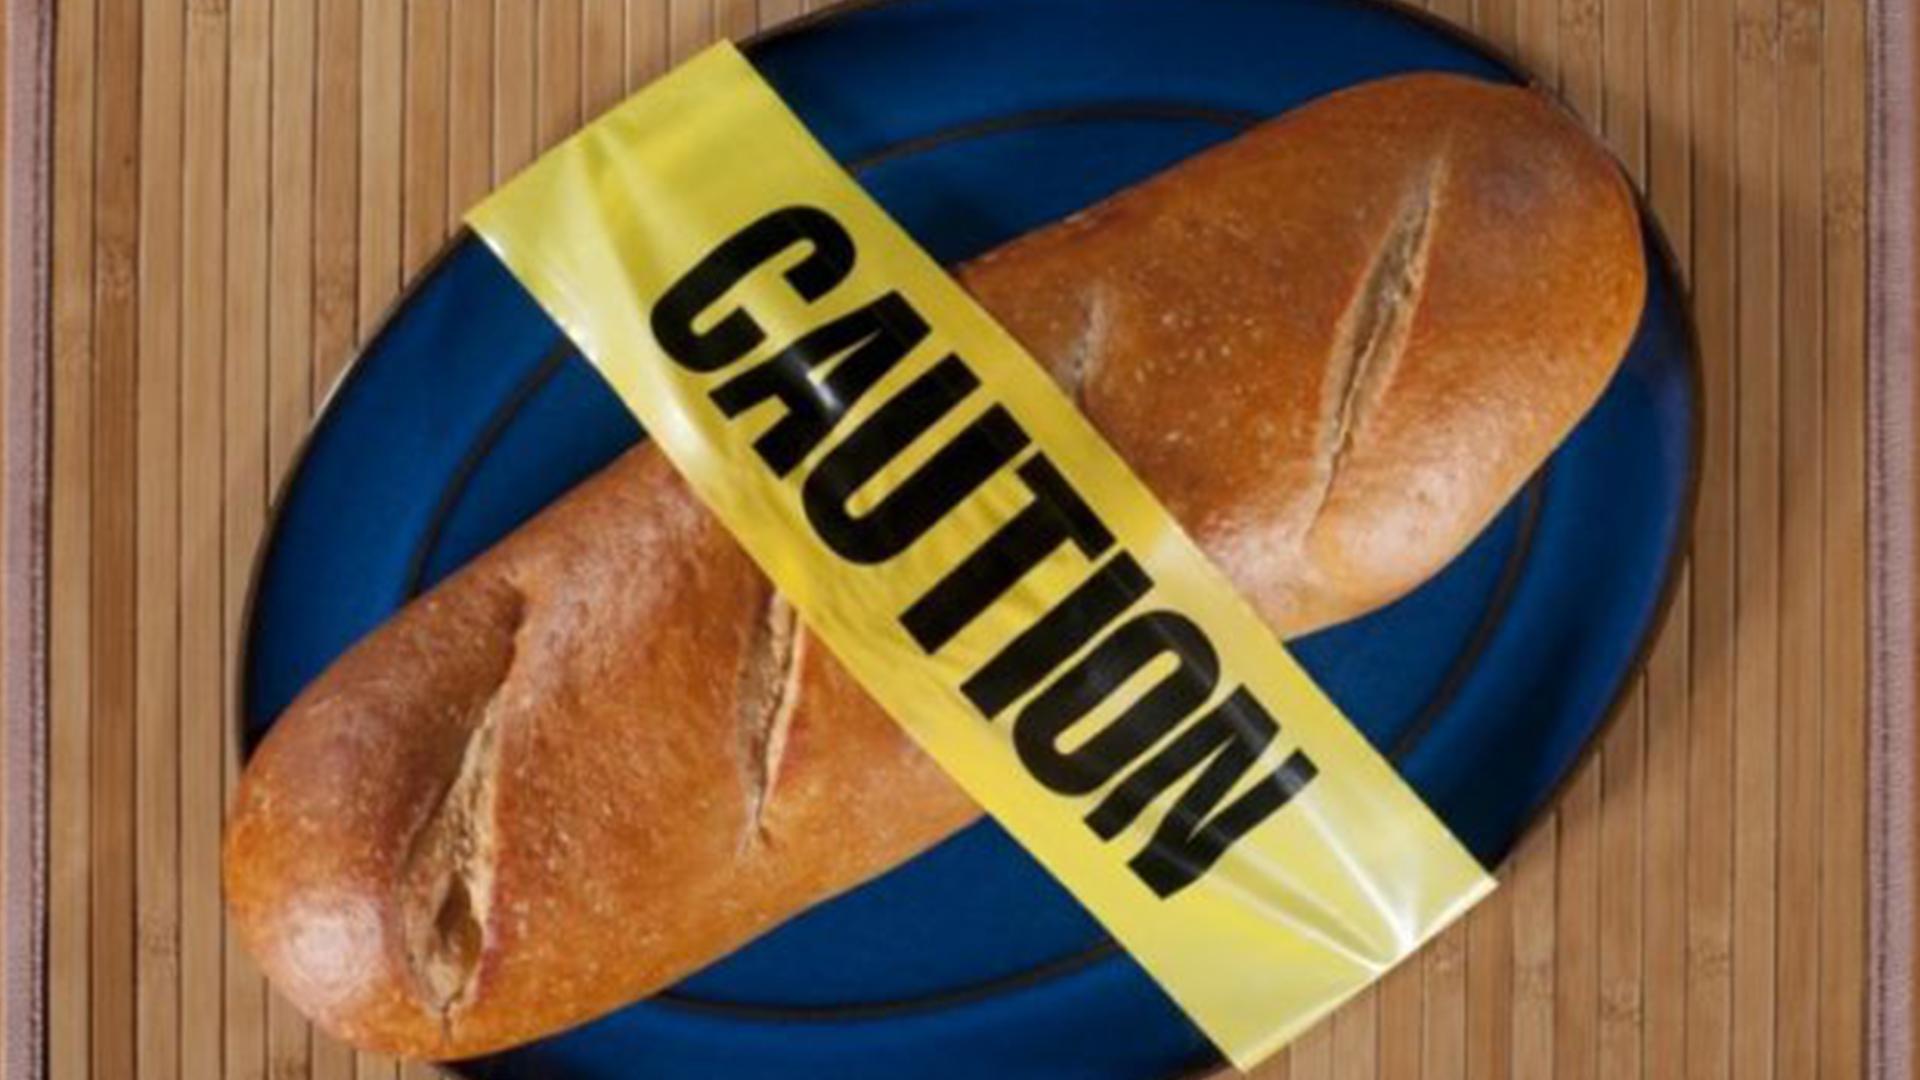 ATC-Newsletter-Diet-or-Deception